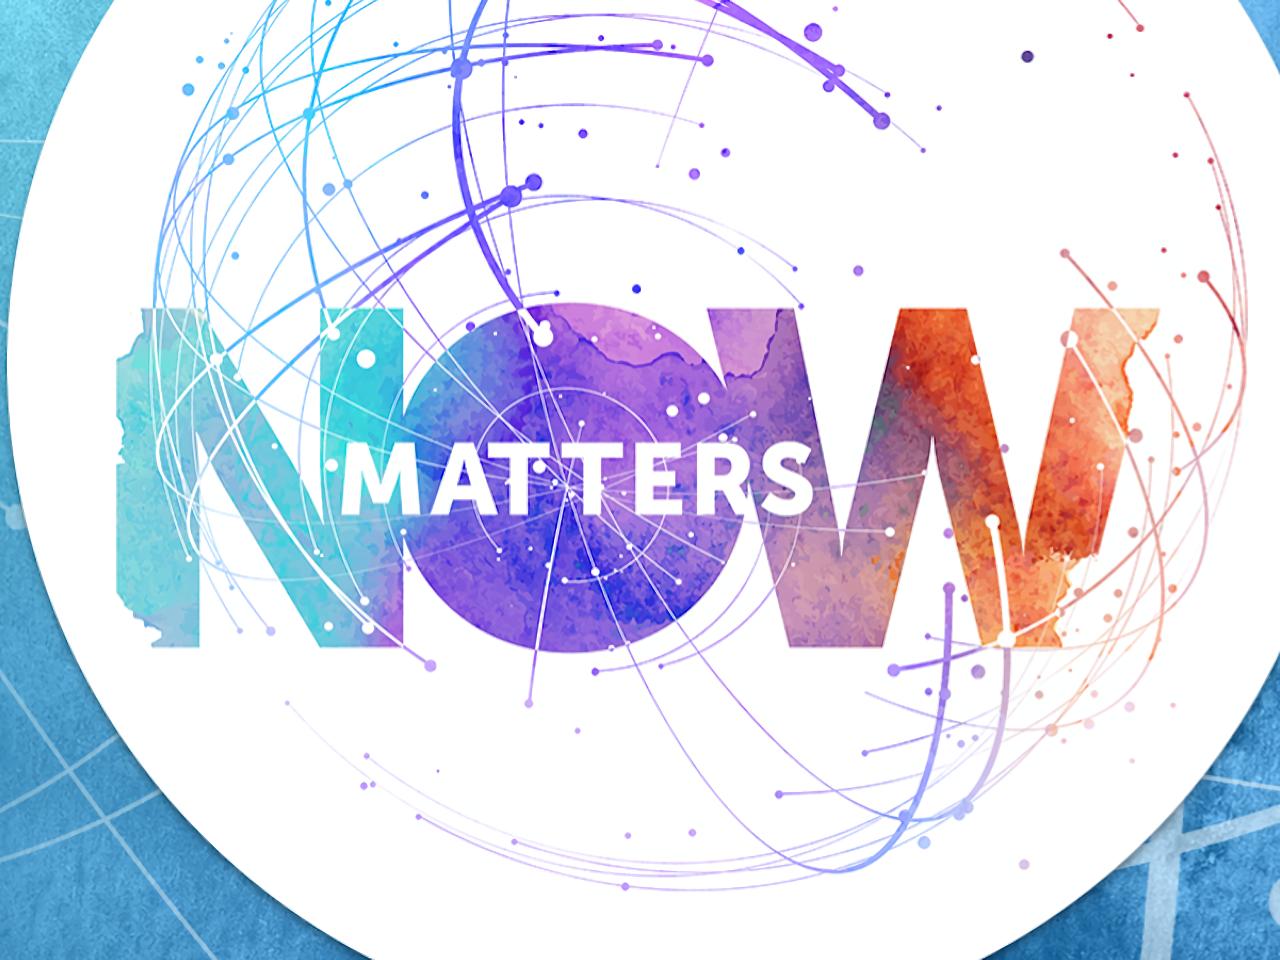 新しい技術の誕生は新しい脆弱性の誕生--RSAトップが語る「Now Matters」の意味